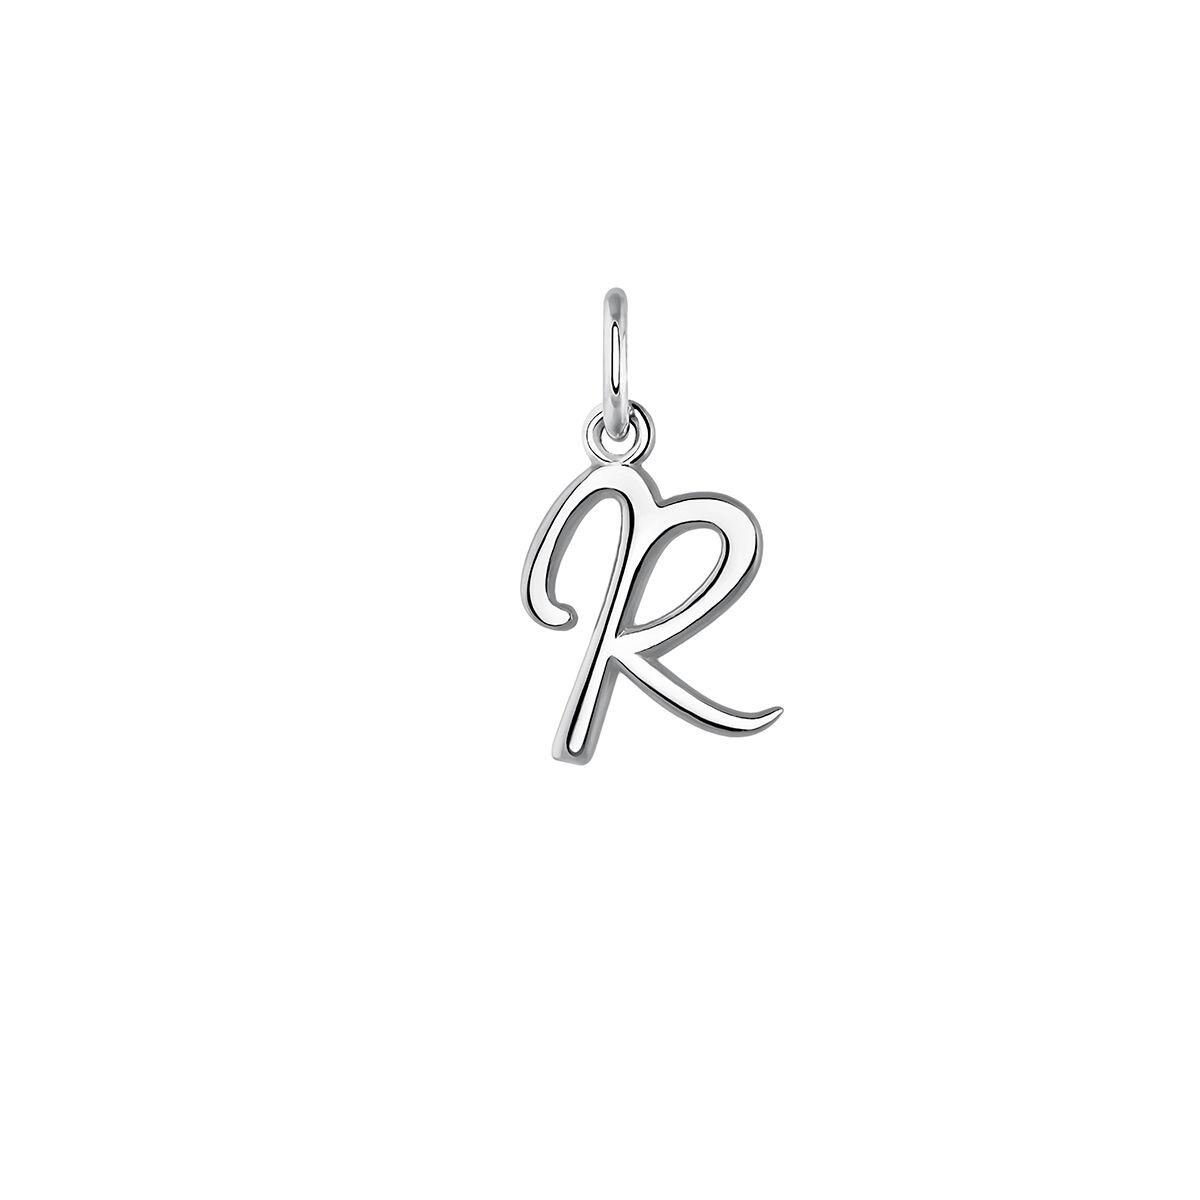 venta caliente promoción especial profesional mejor calificado Colgante letra R plata | Aristocrazy